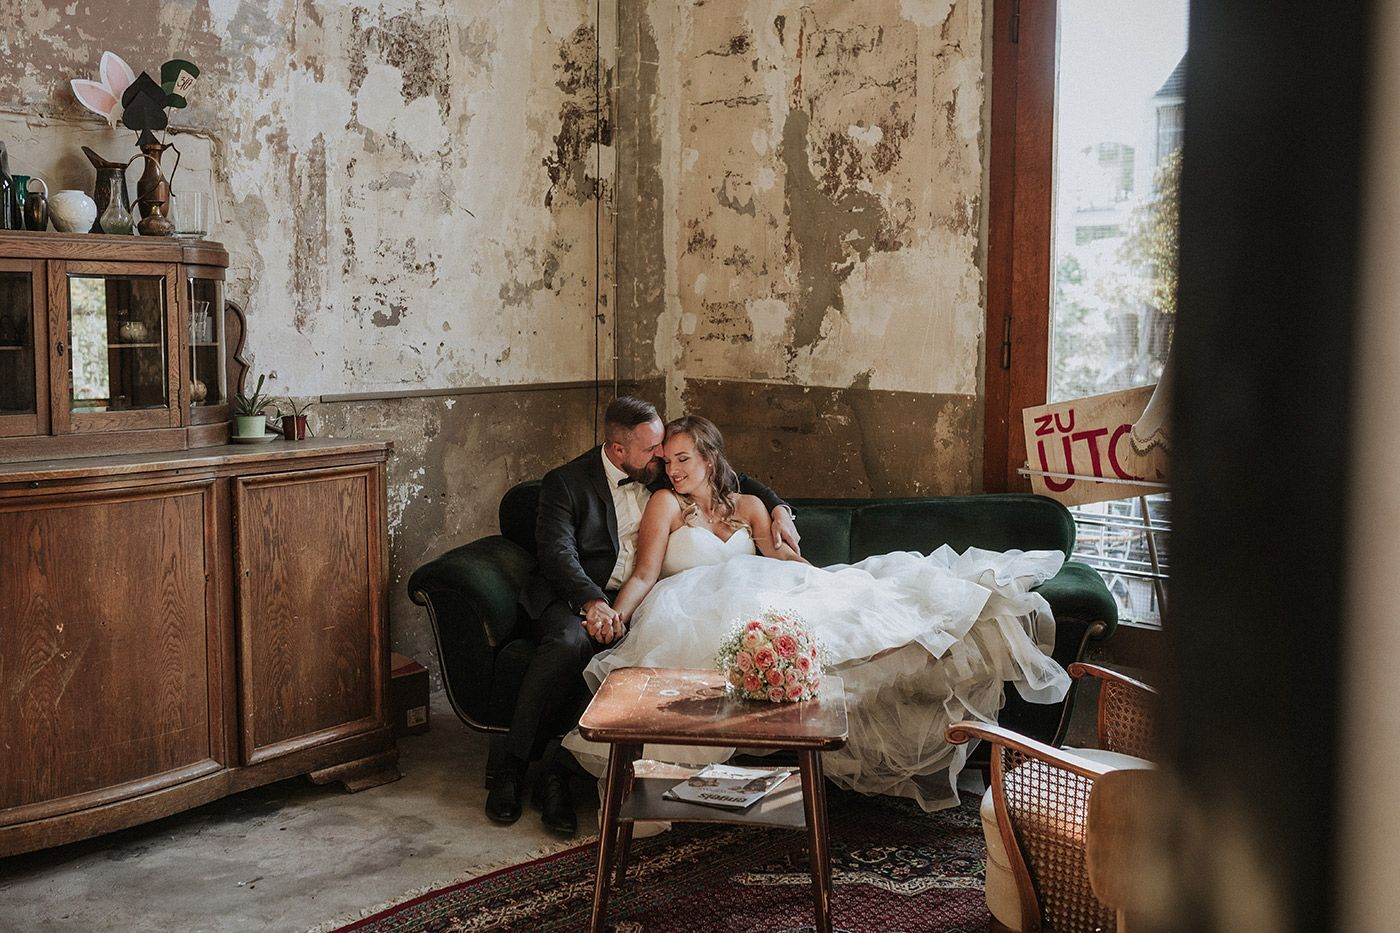 hochzeit_reportage__hochzeitsfotografin_lumoid_nadine_lotze_hagen_ruhrgebiet_wuppertal_mirker_bahnhof_utopiastadt_urban_shabby_after_wedding_q